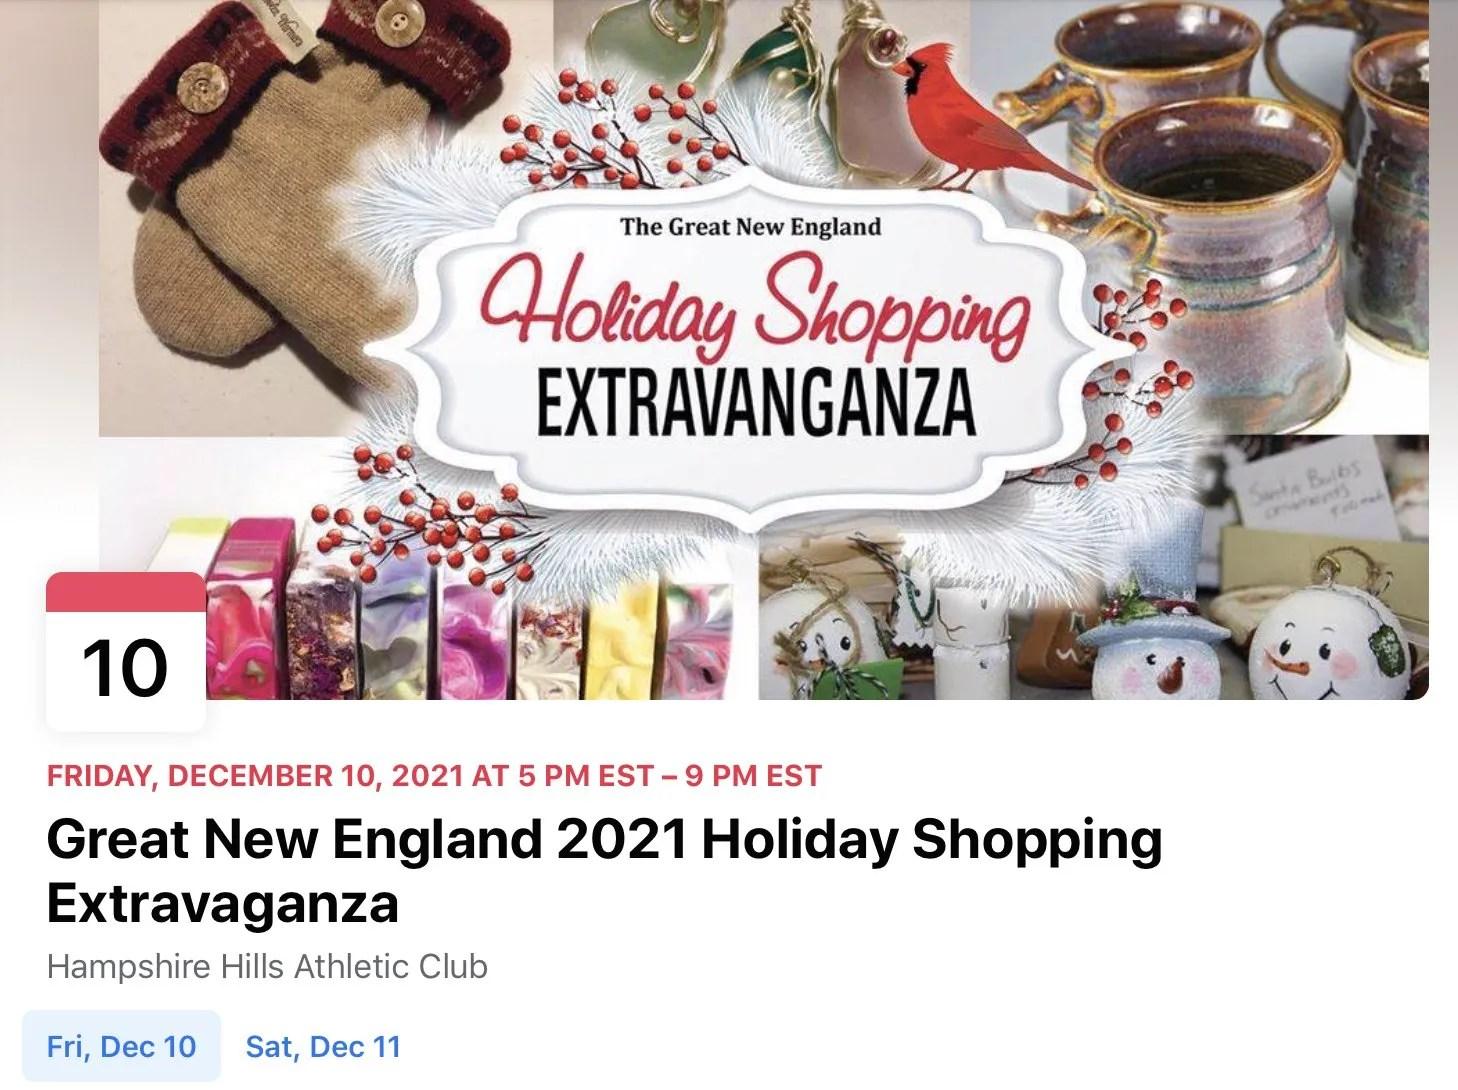 GNE 2021 Holiday Shopping Extravaganza